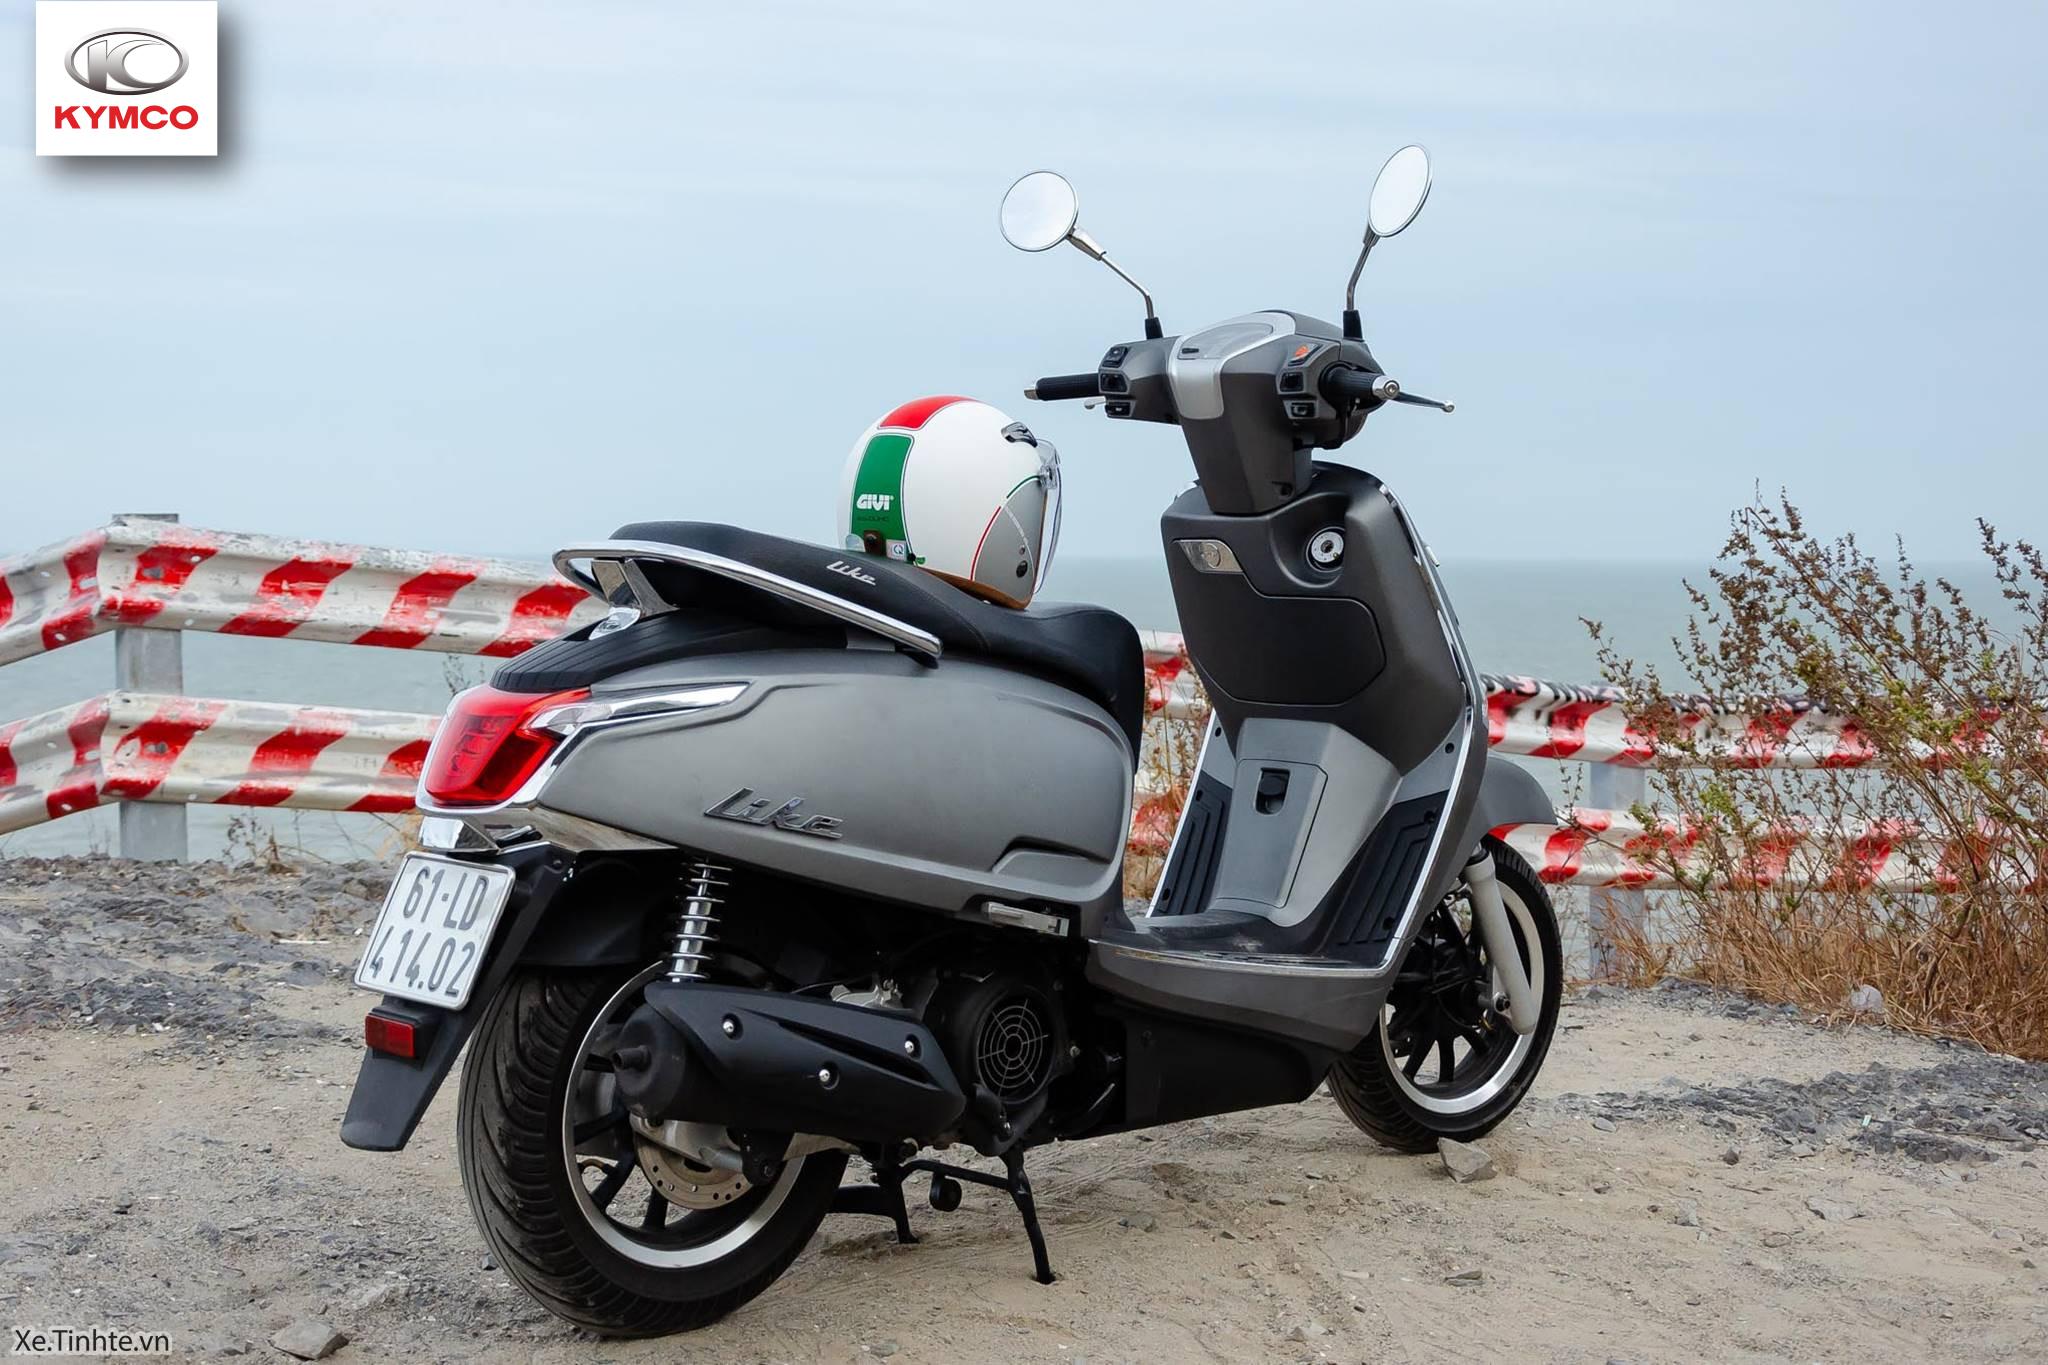 Dòng xe tay ga phân khối 125cc Kymco được thiết kế cao cấp